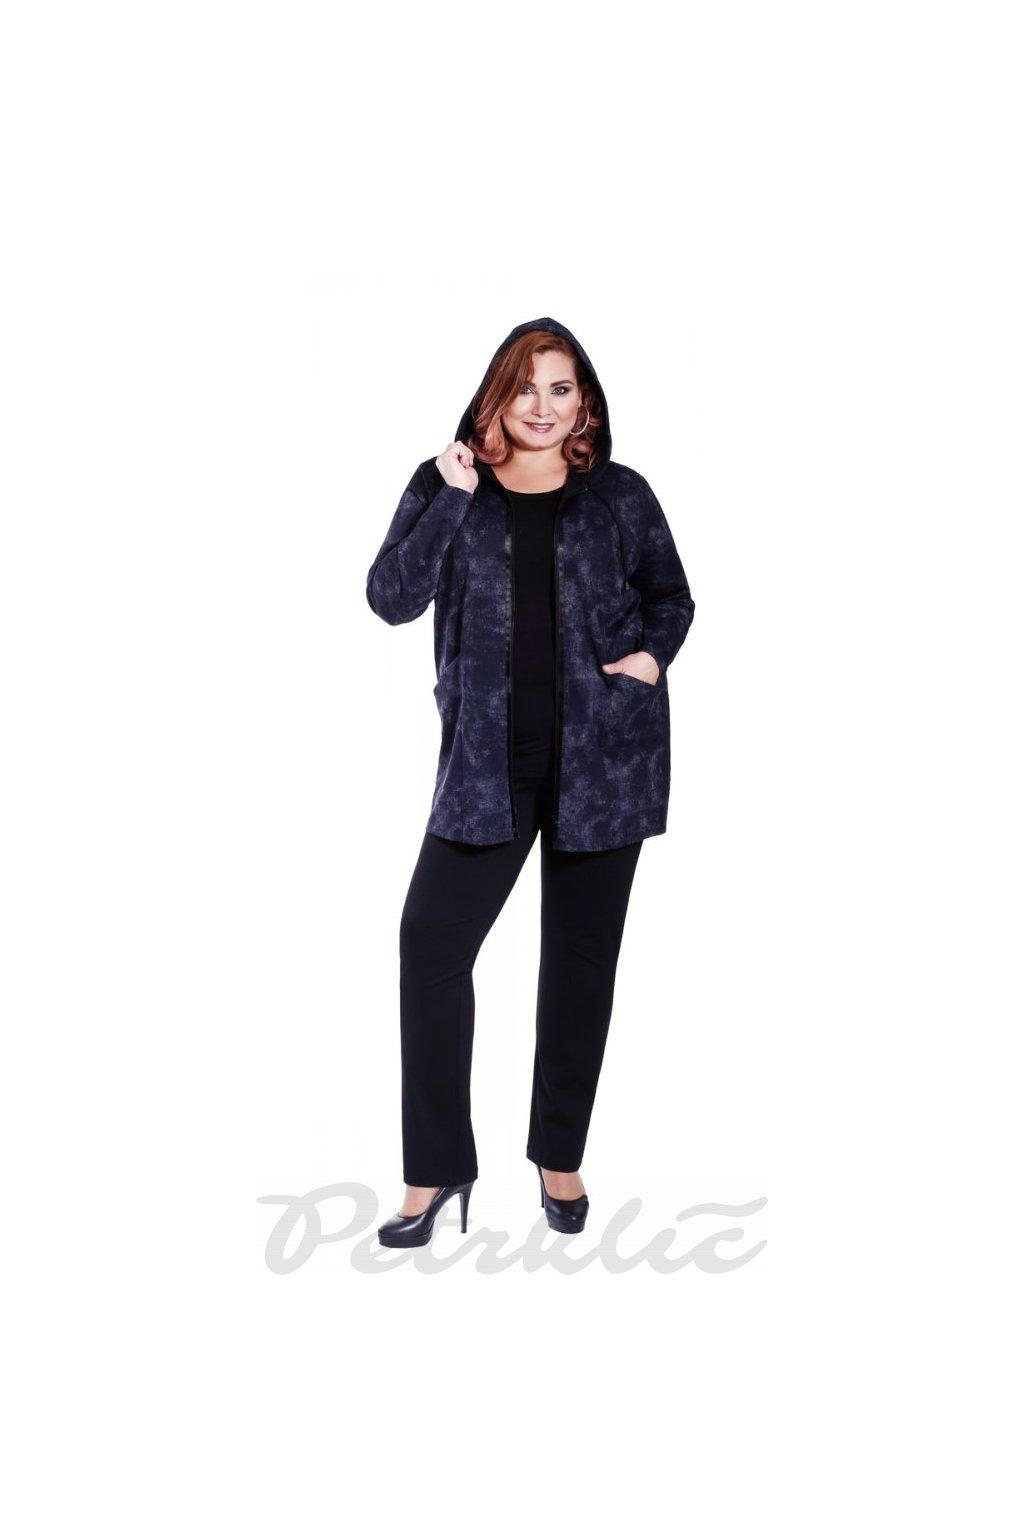 ROMEO - kabátek 75 - 80 cm